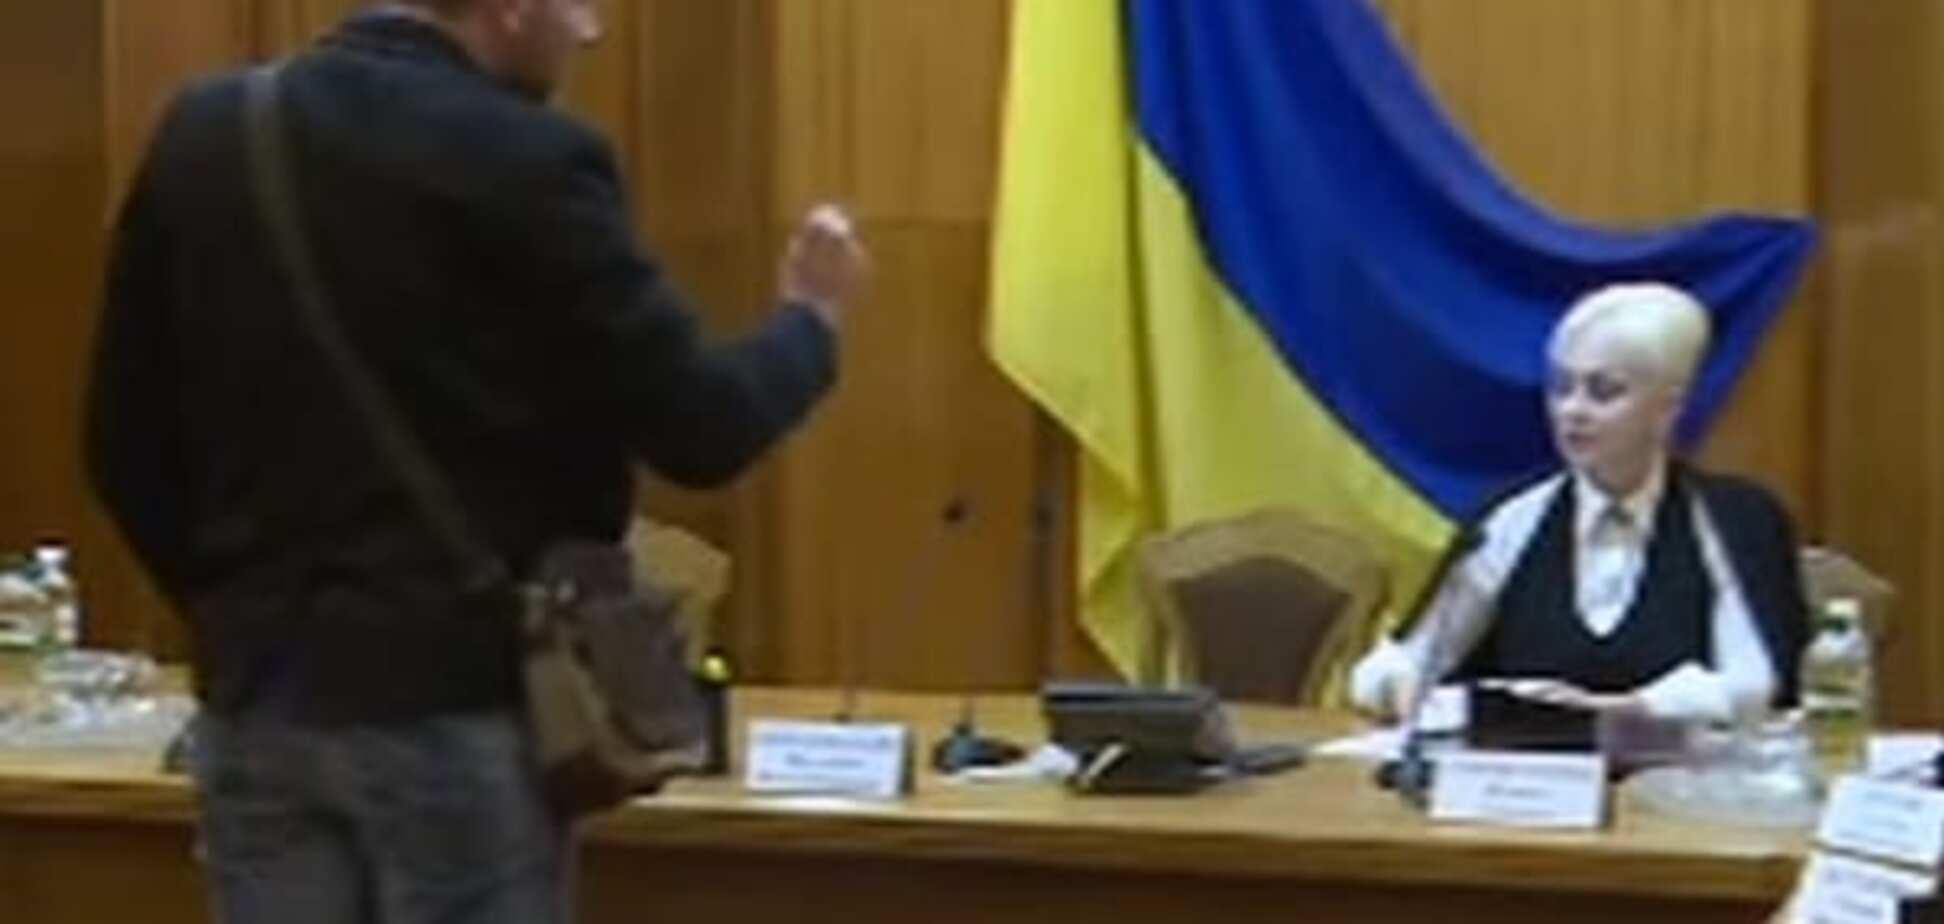 Вас нагнули! Парасюк устроил скандал в ЦИК из-за выборов в Павлограде: опубликовано видео